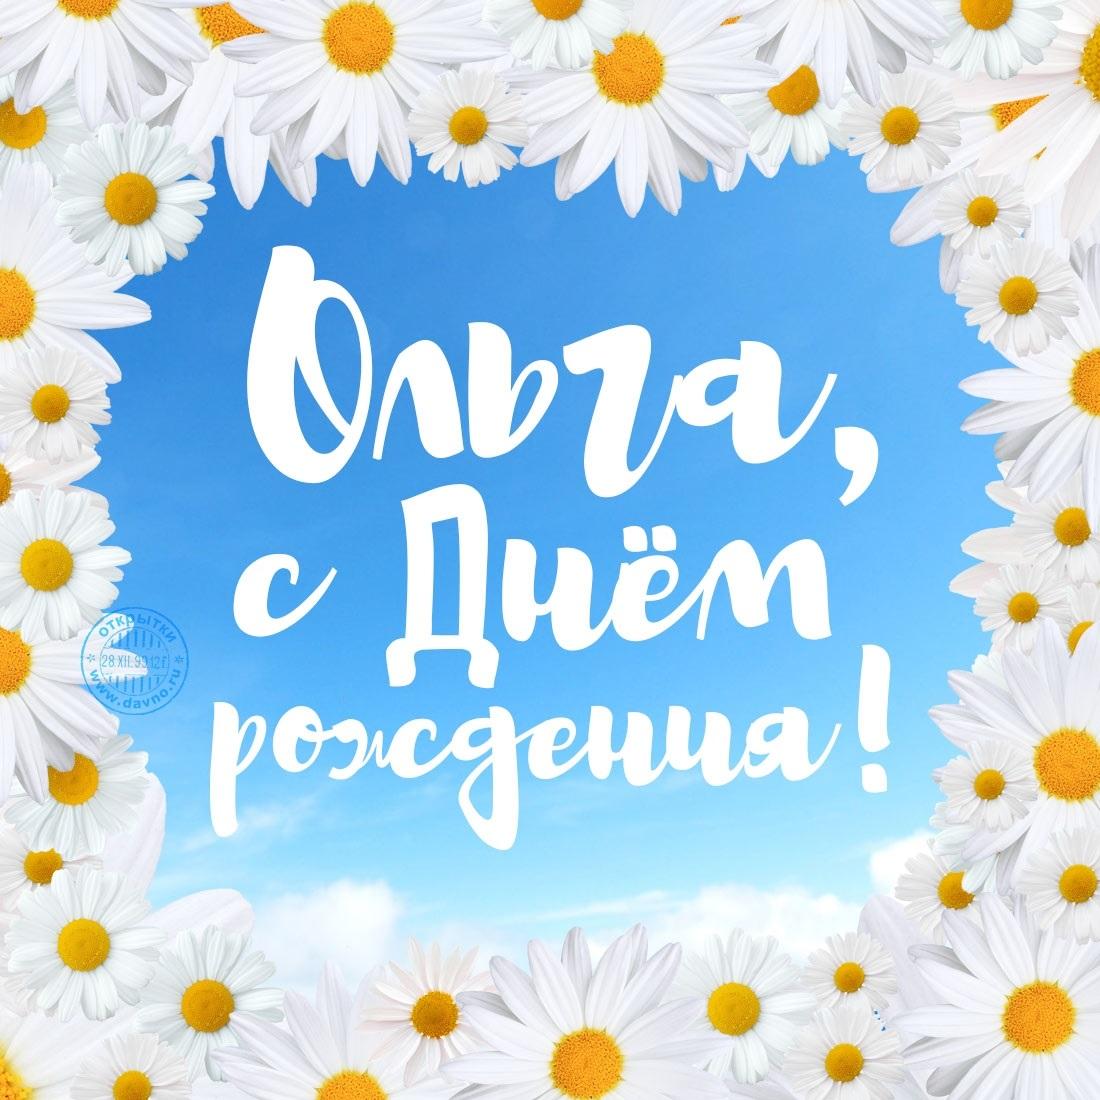 Красивые картинки поздравляю с днем рождения Оля009